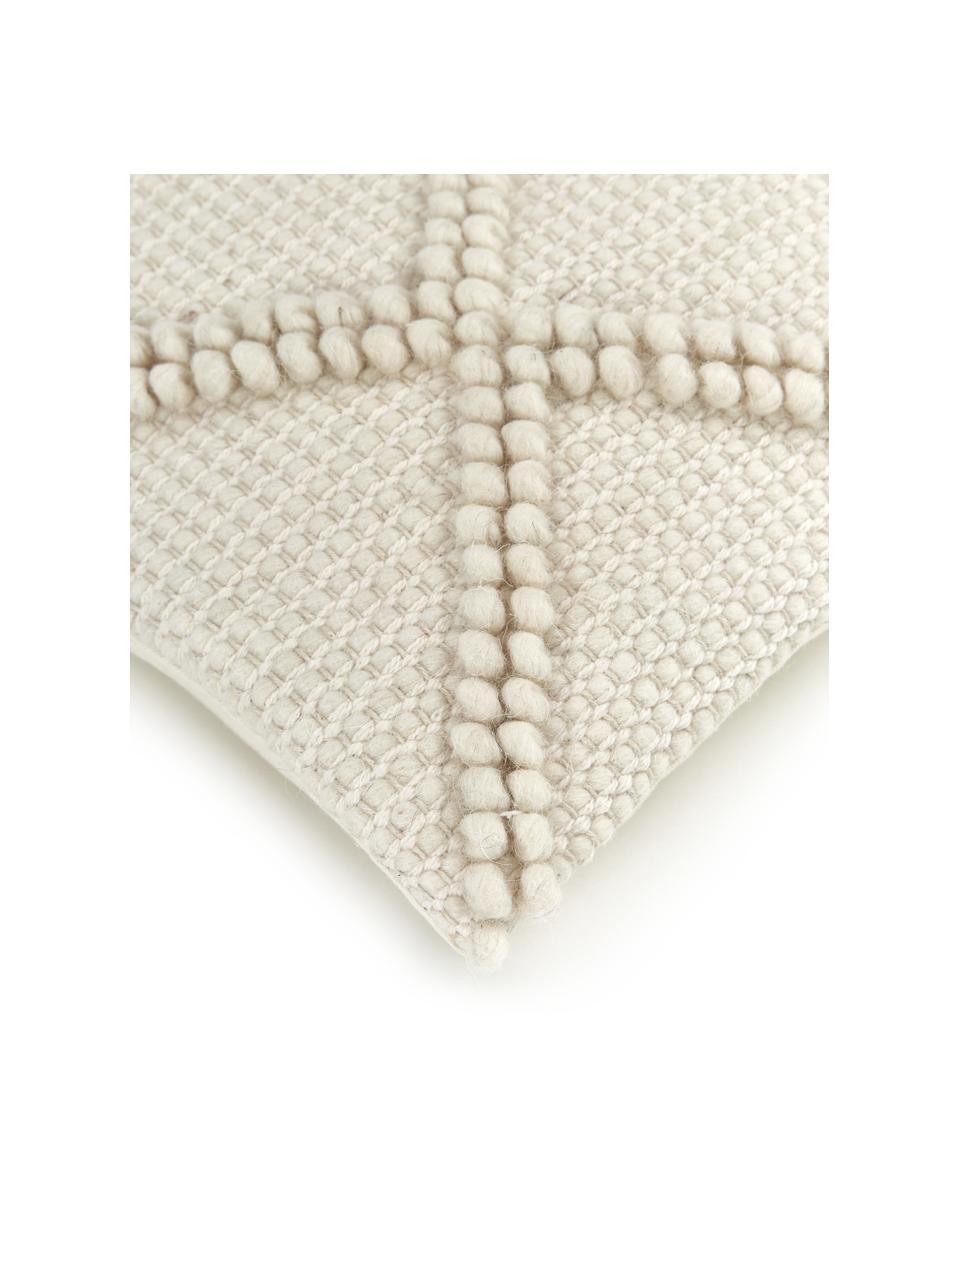 Federa arredo con ornamenti decorativi Janina, 100% cotone, Beige, Larg. 45 x Lung. 45 cm